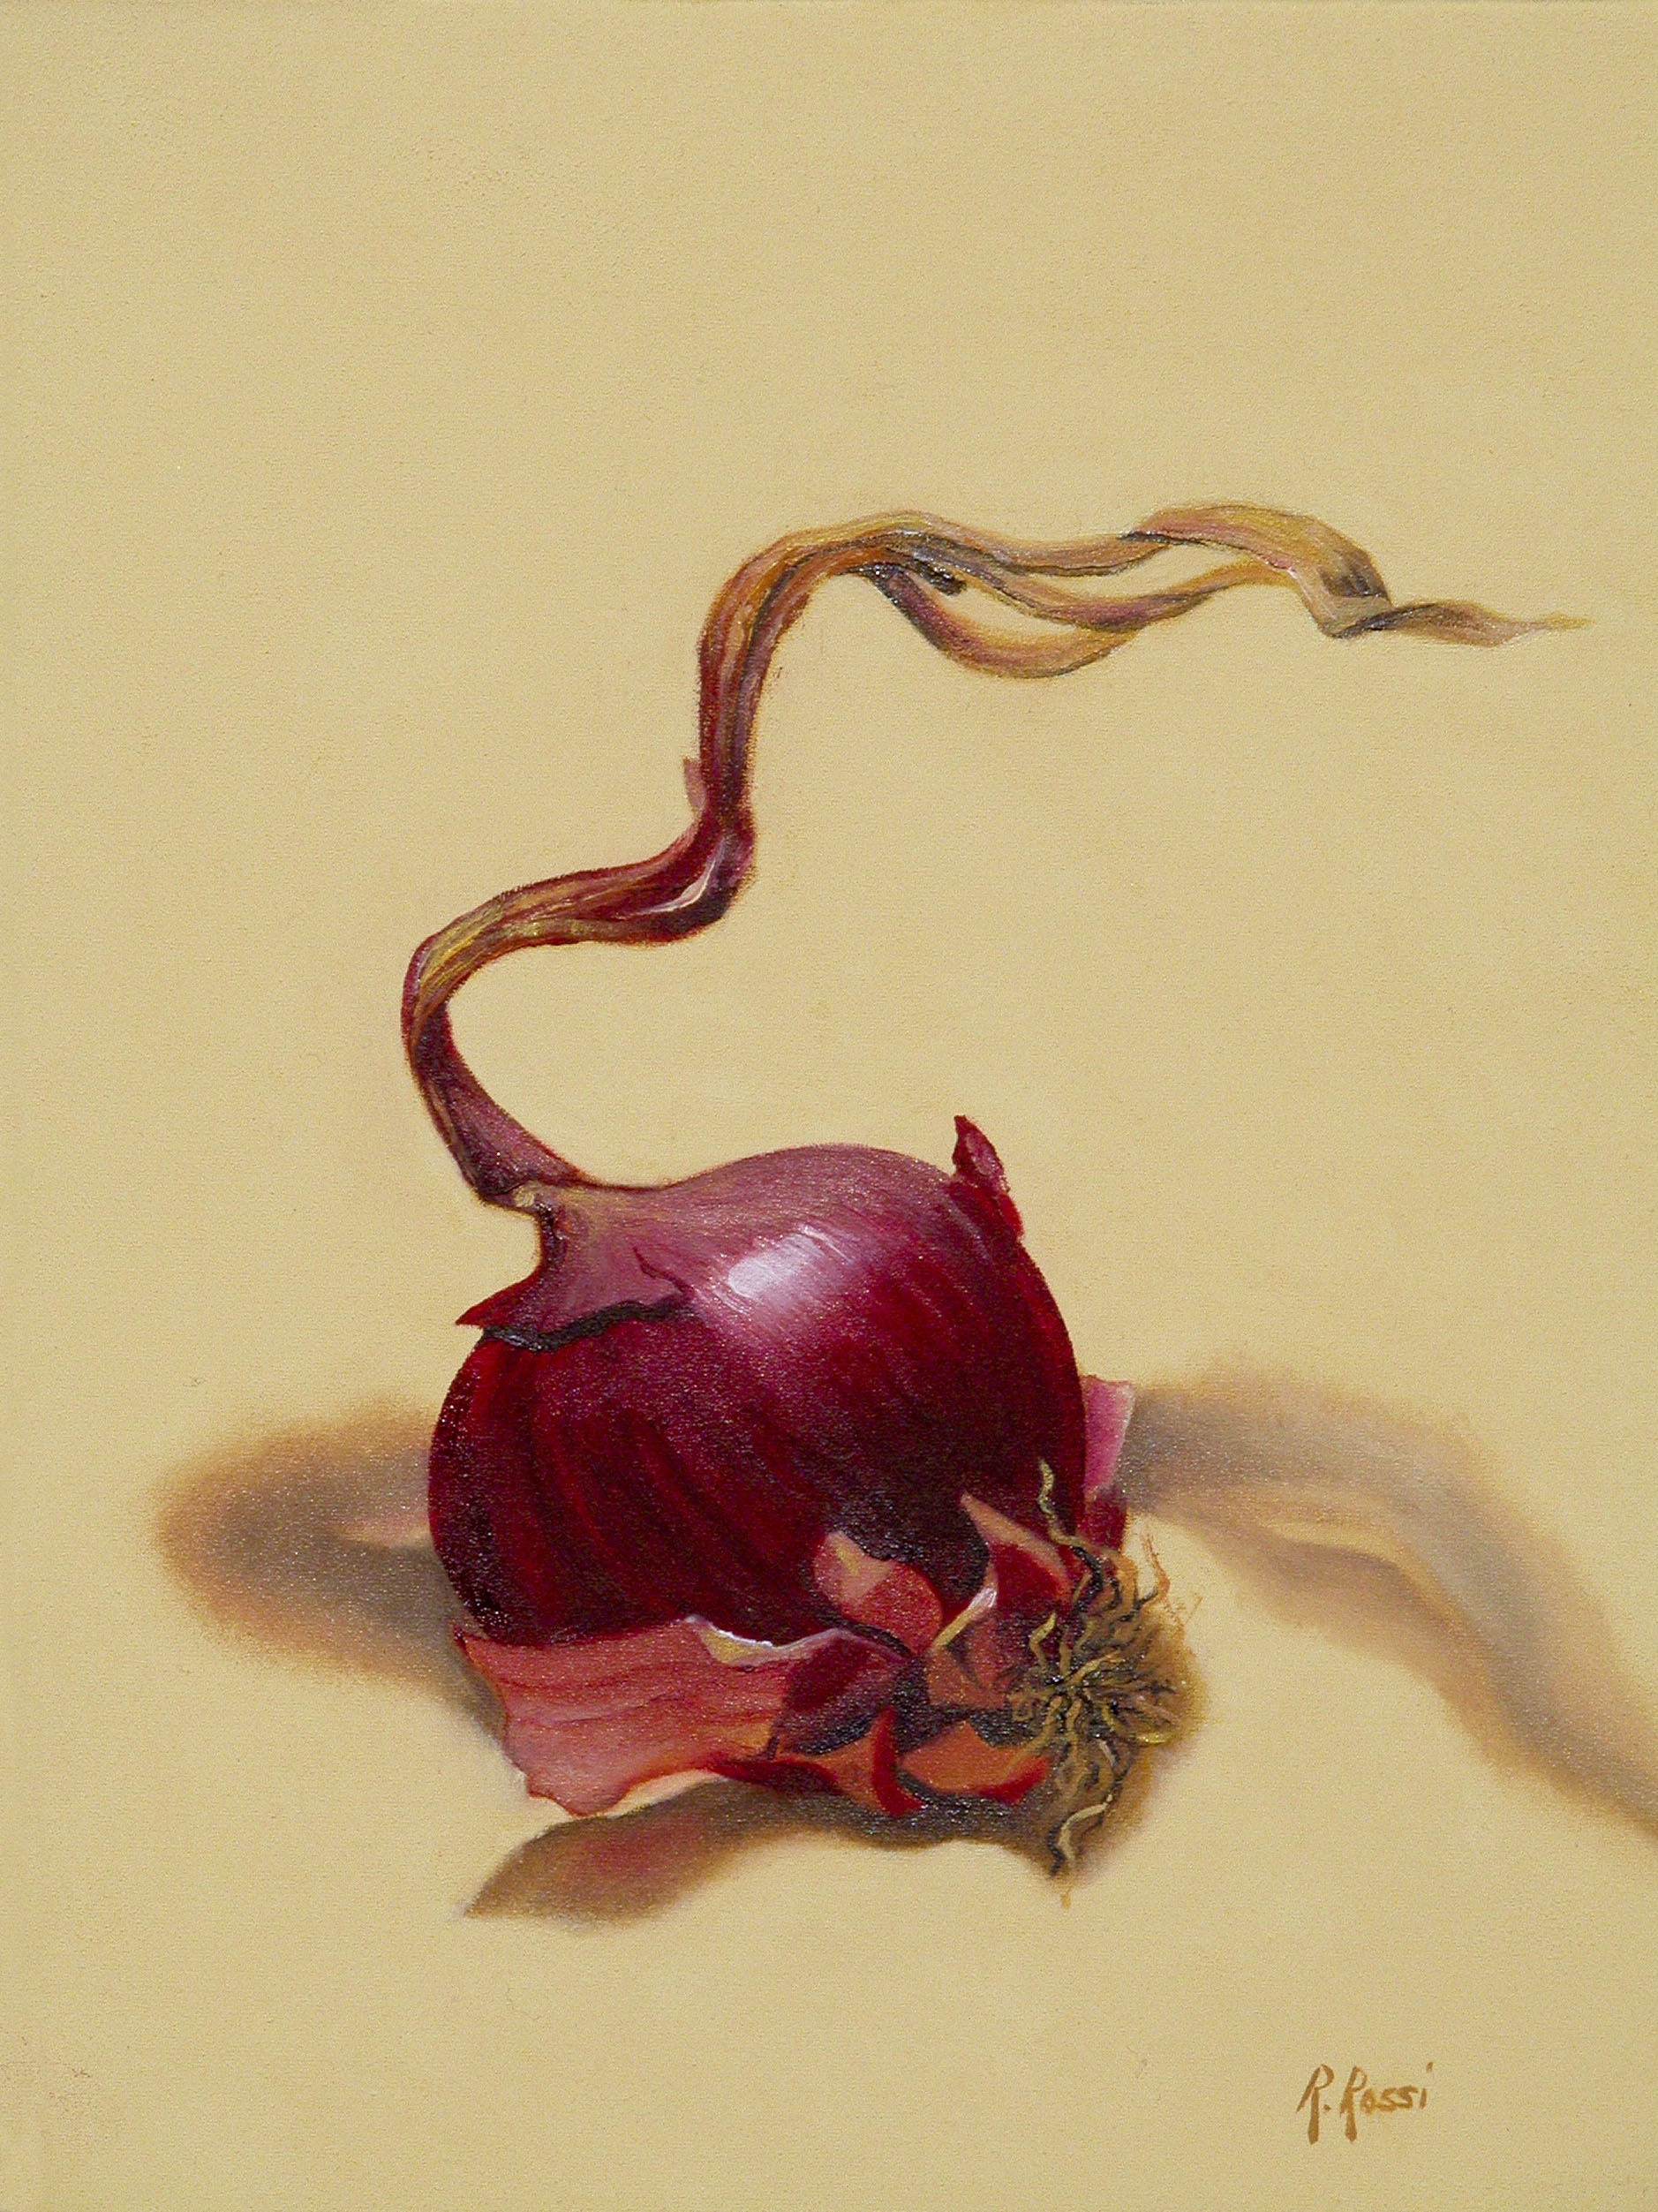 2007 roberta rossi - Cipolla rossa - olio su tela - 24 x 18